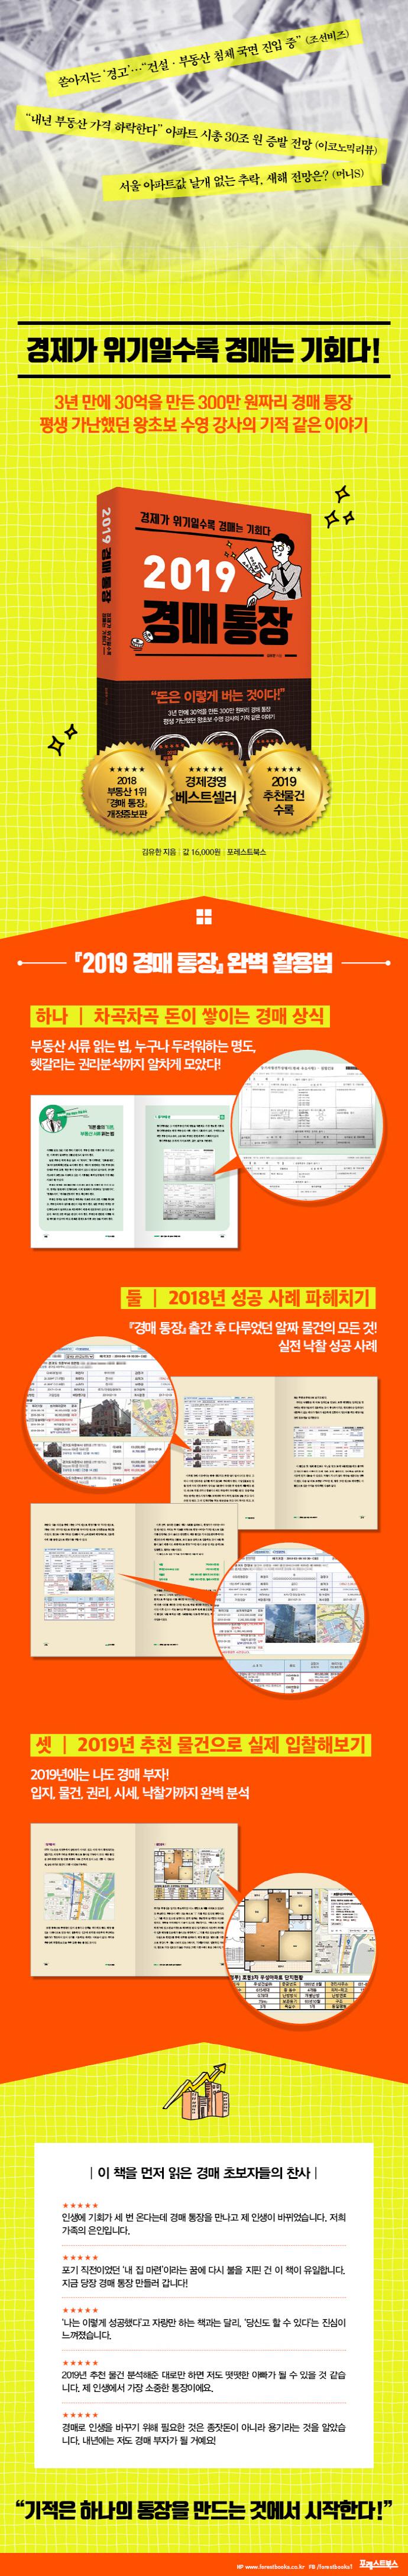 2019 경매 통장 도서 상세이미지